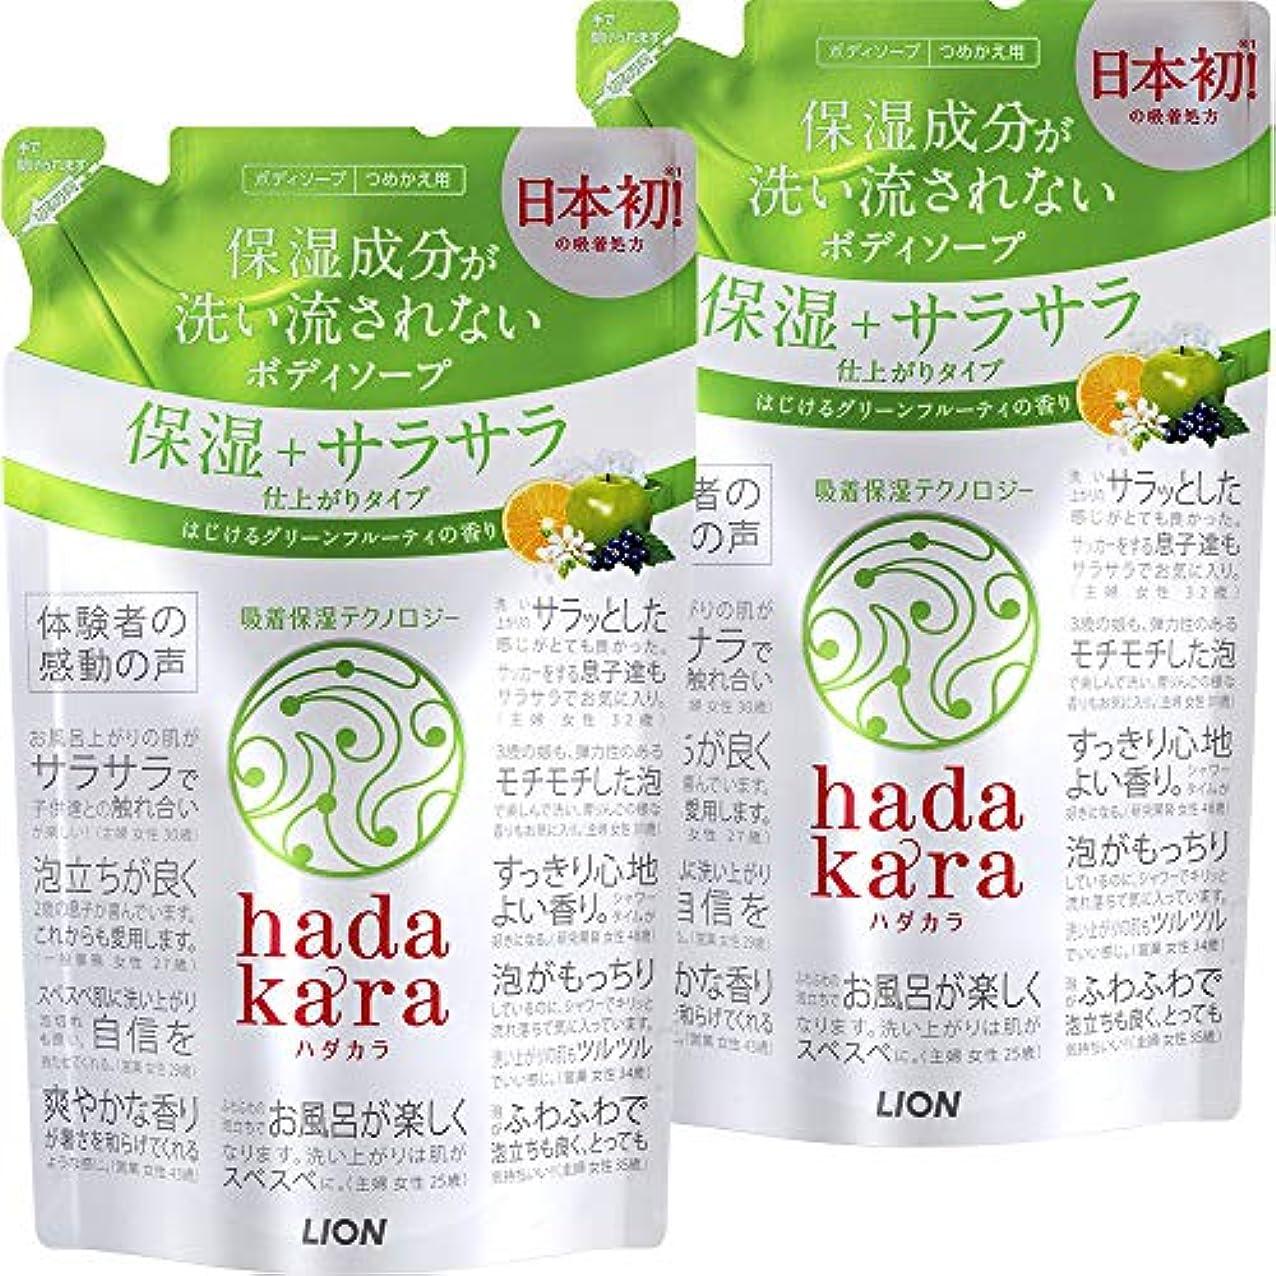 鹿やめるスタンド【まとめ買い】hadakara(ハダカラ) ボディソープ 保湿+サラサラ仕上がりタイプ グリーンフルーティの香り 詰め替え 340ml×2個パック